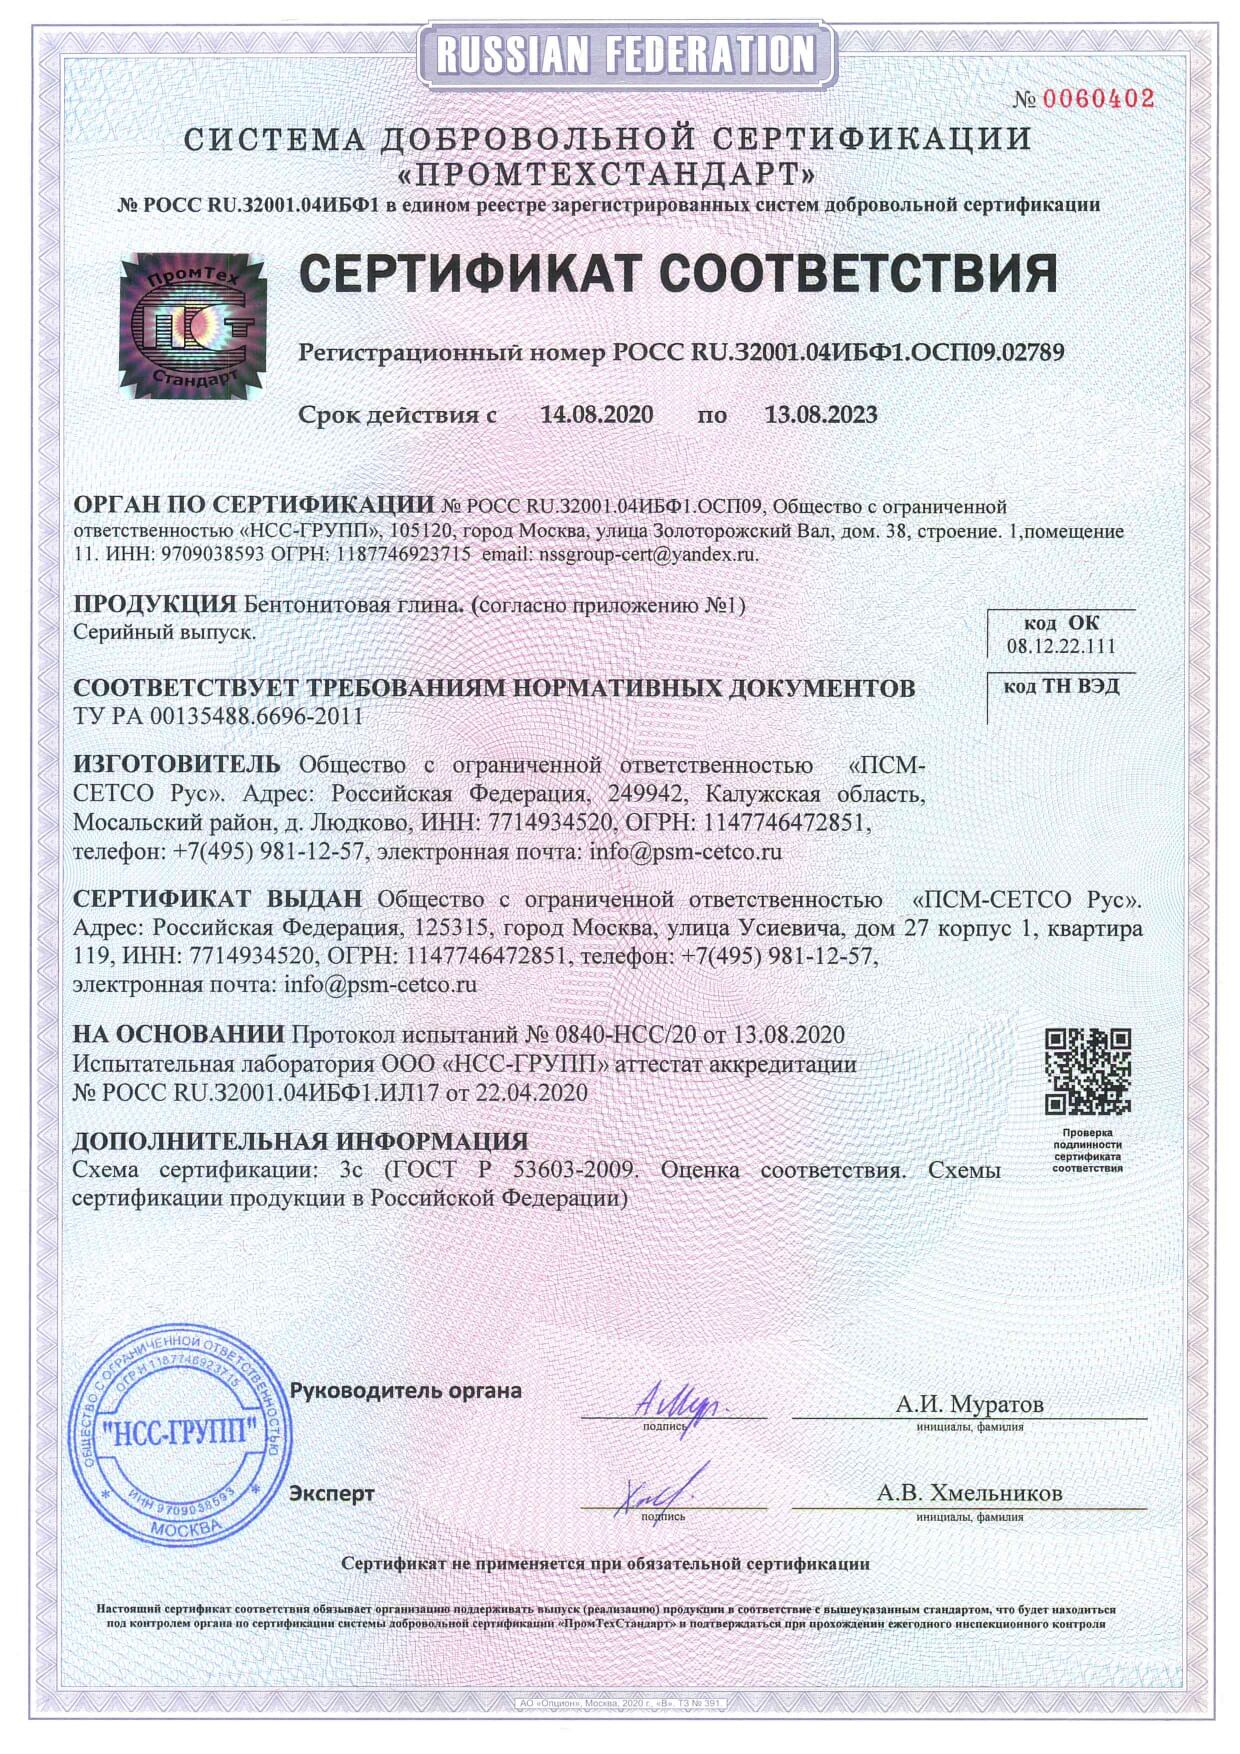 Сертификат Бентонитовая глина